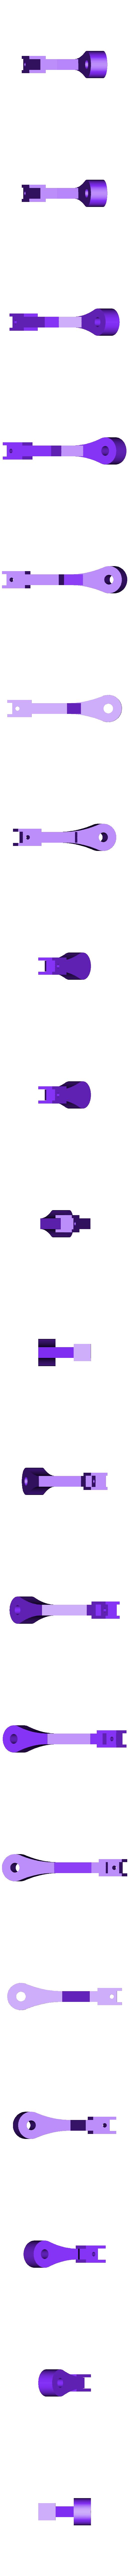 3_v2.stl Télécharger fichier STL gratuit XYZ DaVinci PRO Porte-bobine de surface XYZ DaVinci PRO • Objet pour impression 3D, indigo4